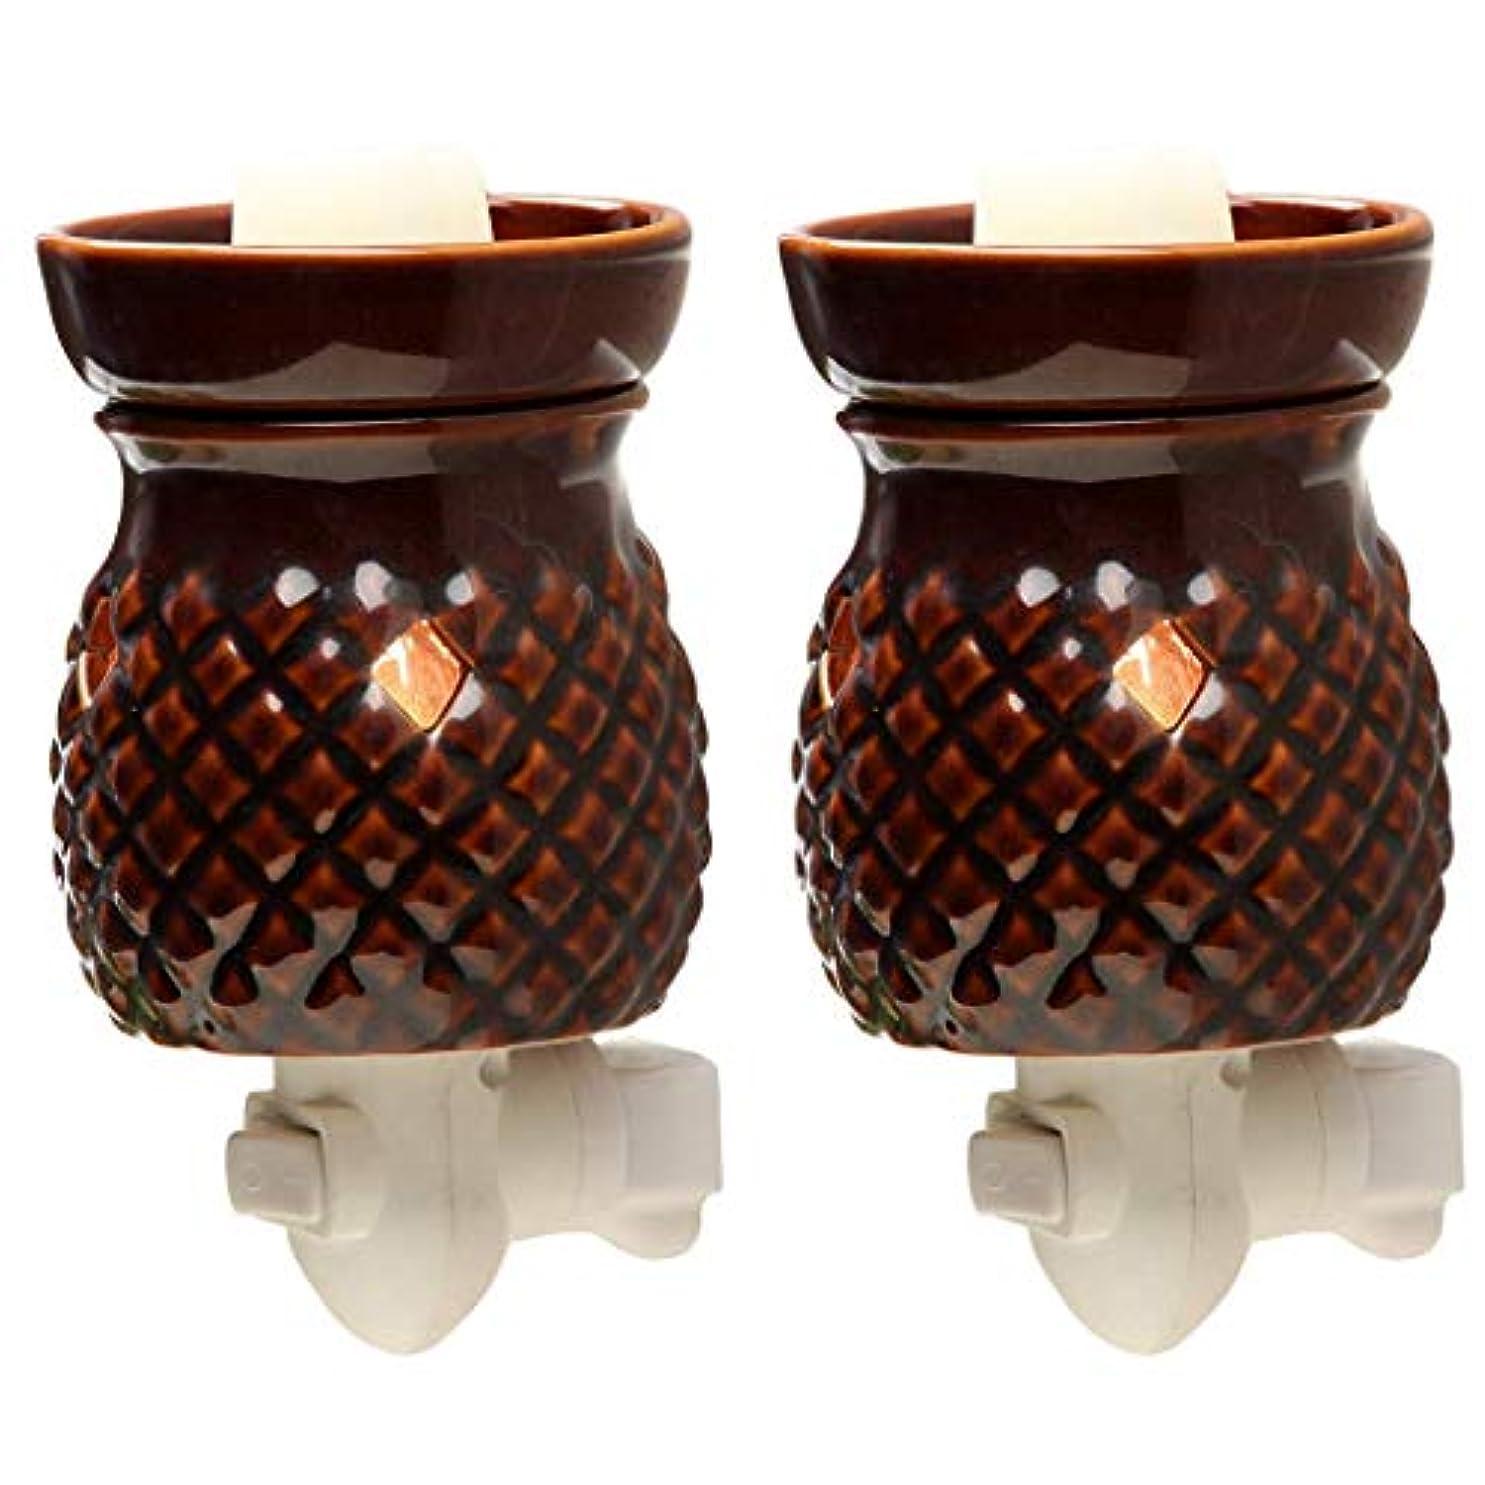 グリーンランド集中テラスHosley 2個セット 高さ5.3インチ レッド セラミック 電気ワックス ウォーマー 結婚式 スパ アロマテラピーに最適 ブランド ワックスメルトとキューブ エッセンシャルオイルとフレグランスオイル W1